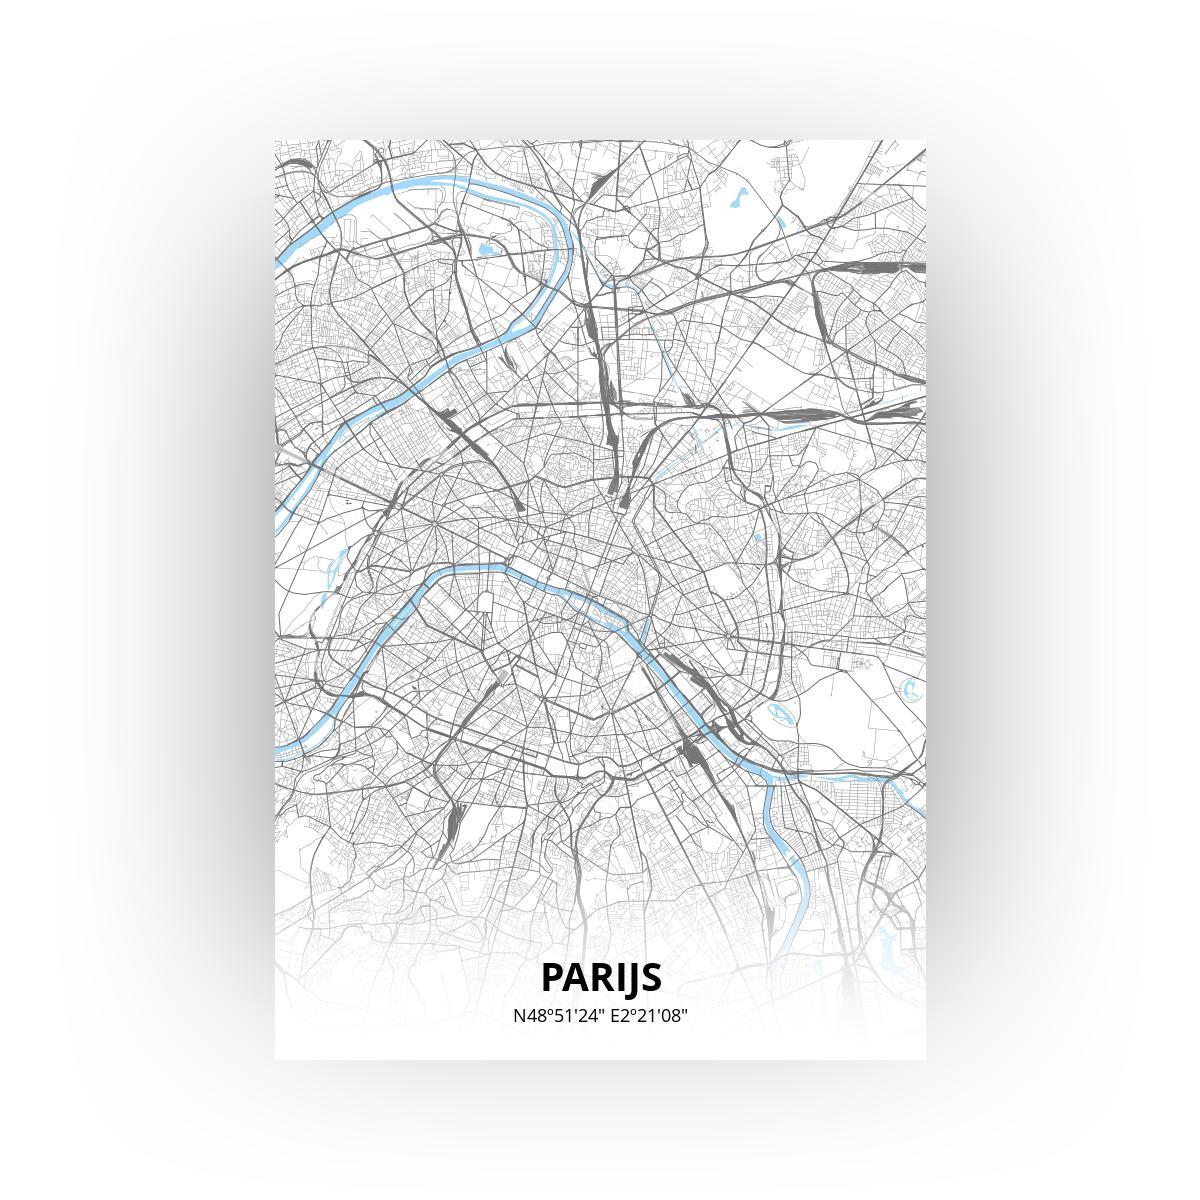 Parijs poster - Zelf aan te passen!